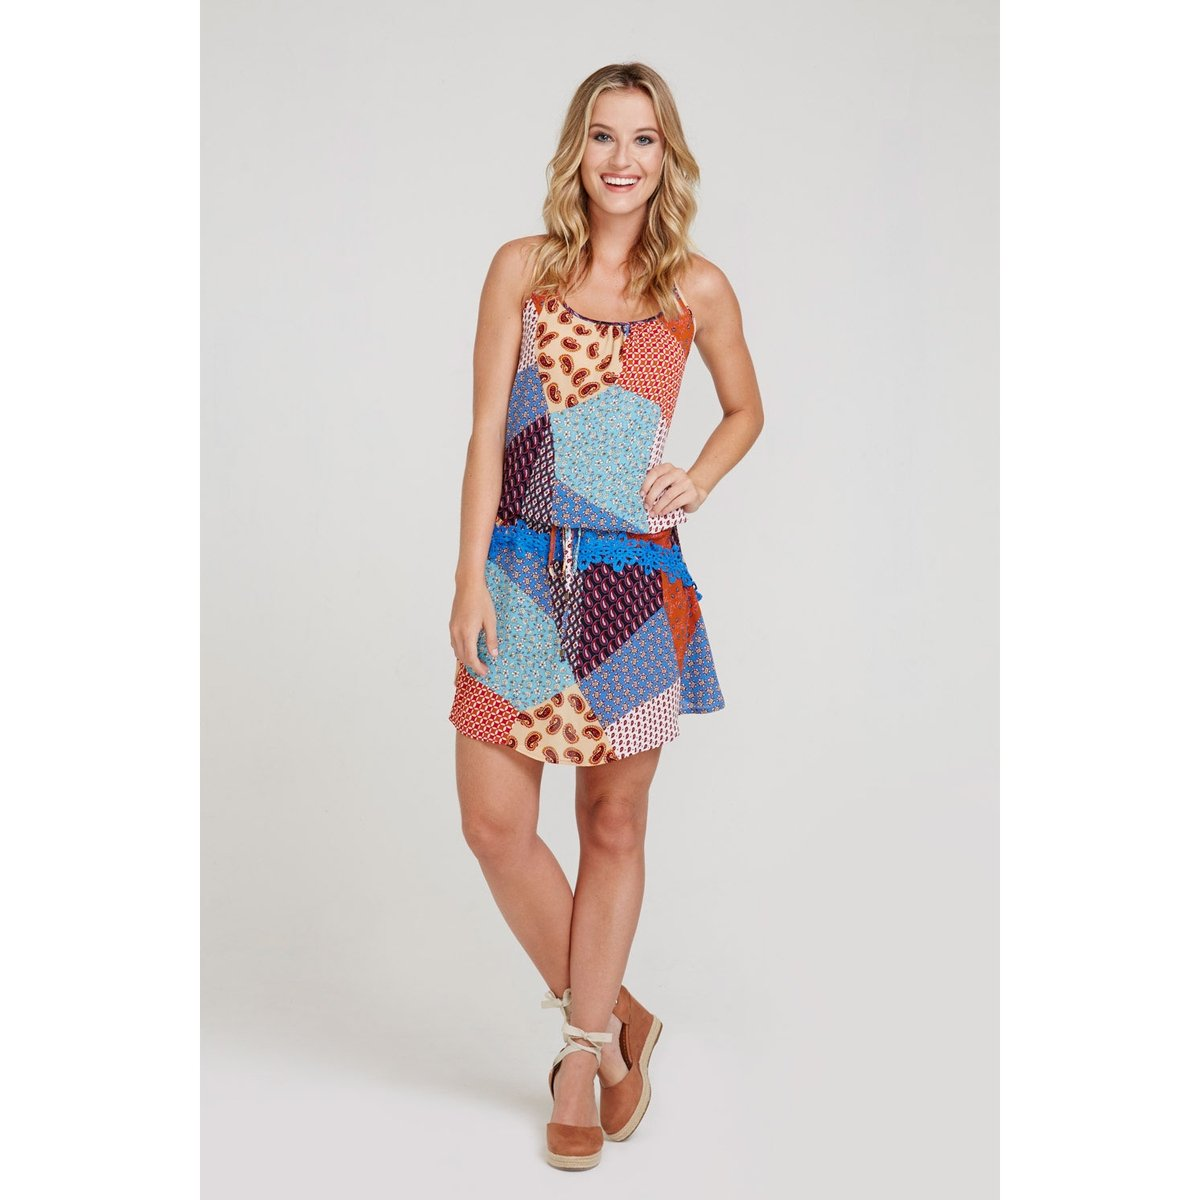 0d55431be Vestido frente única estampado | Netshoes